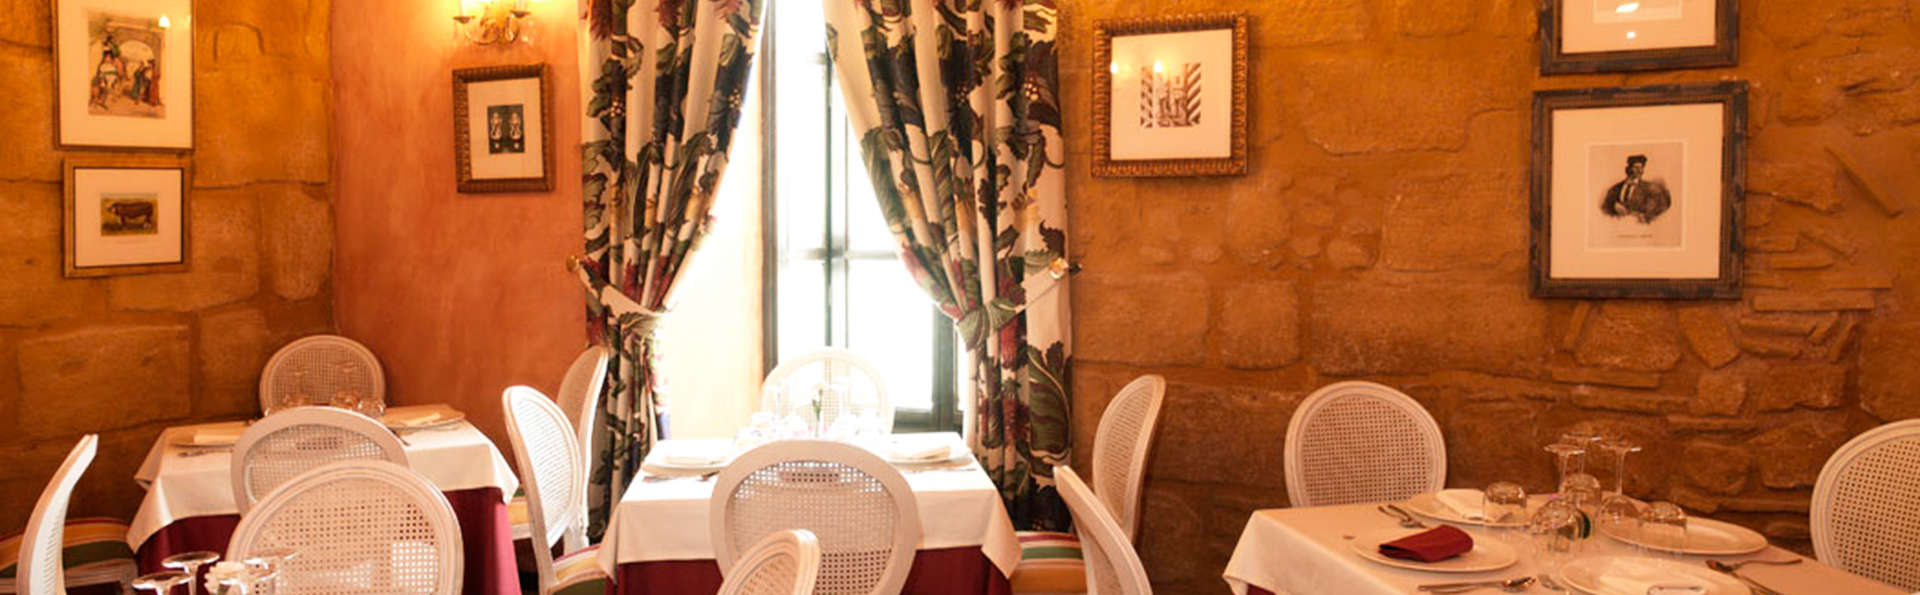 Escapada con Cena degustación realizada por un chef estrella michelin y dos soles repsol en Osuna